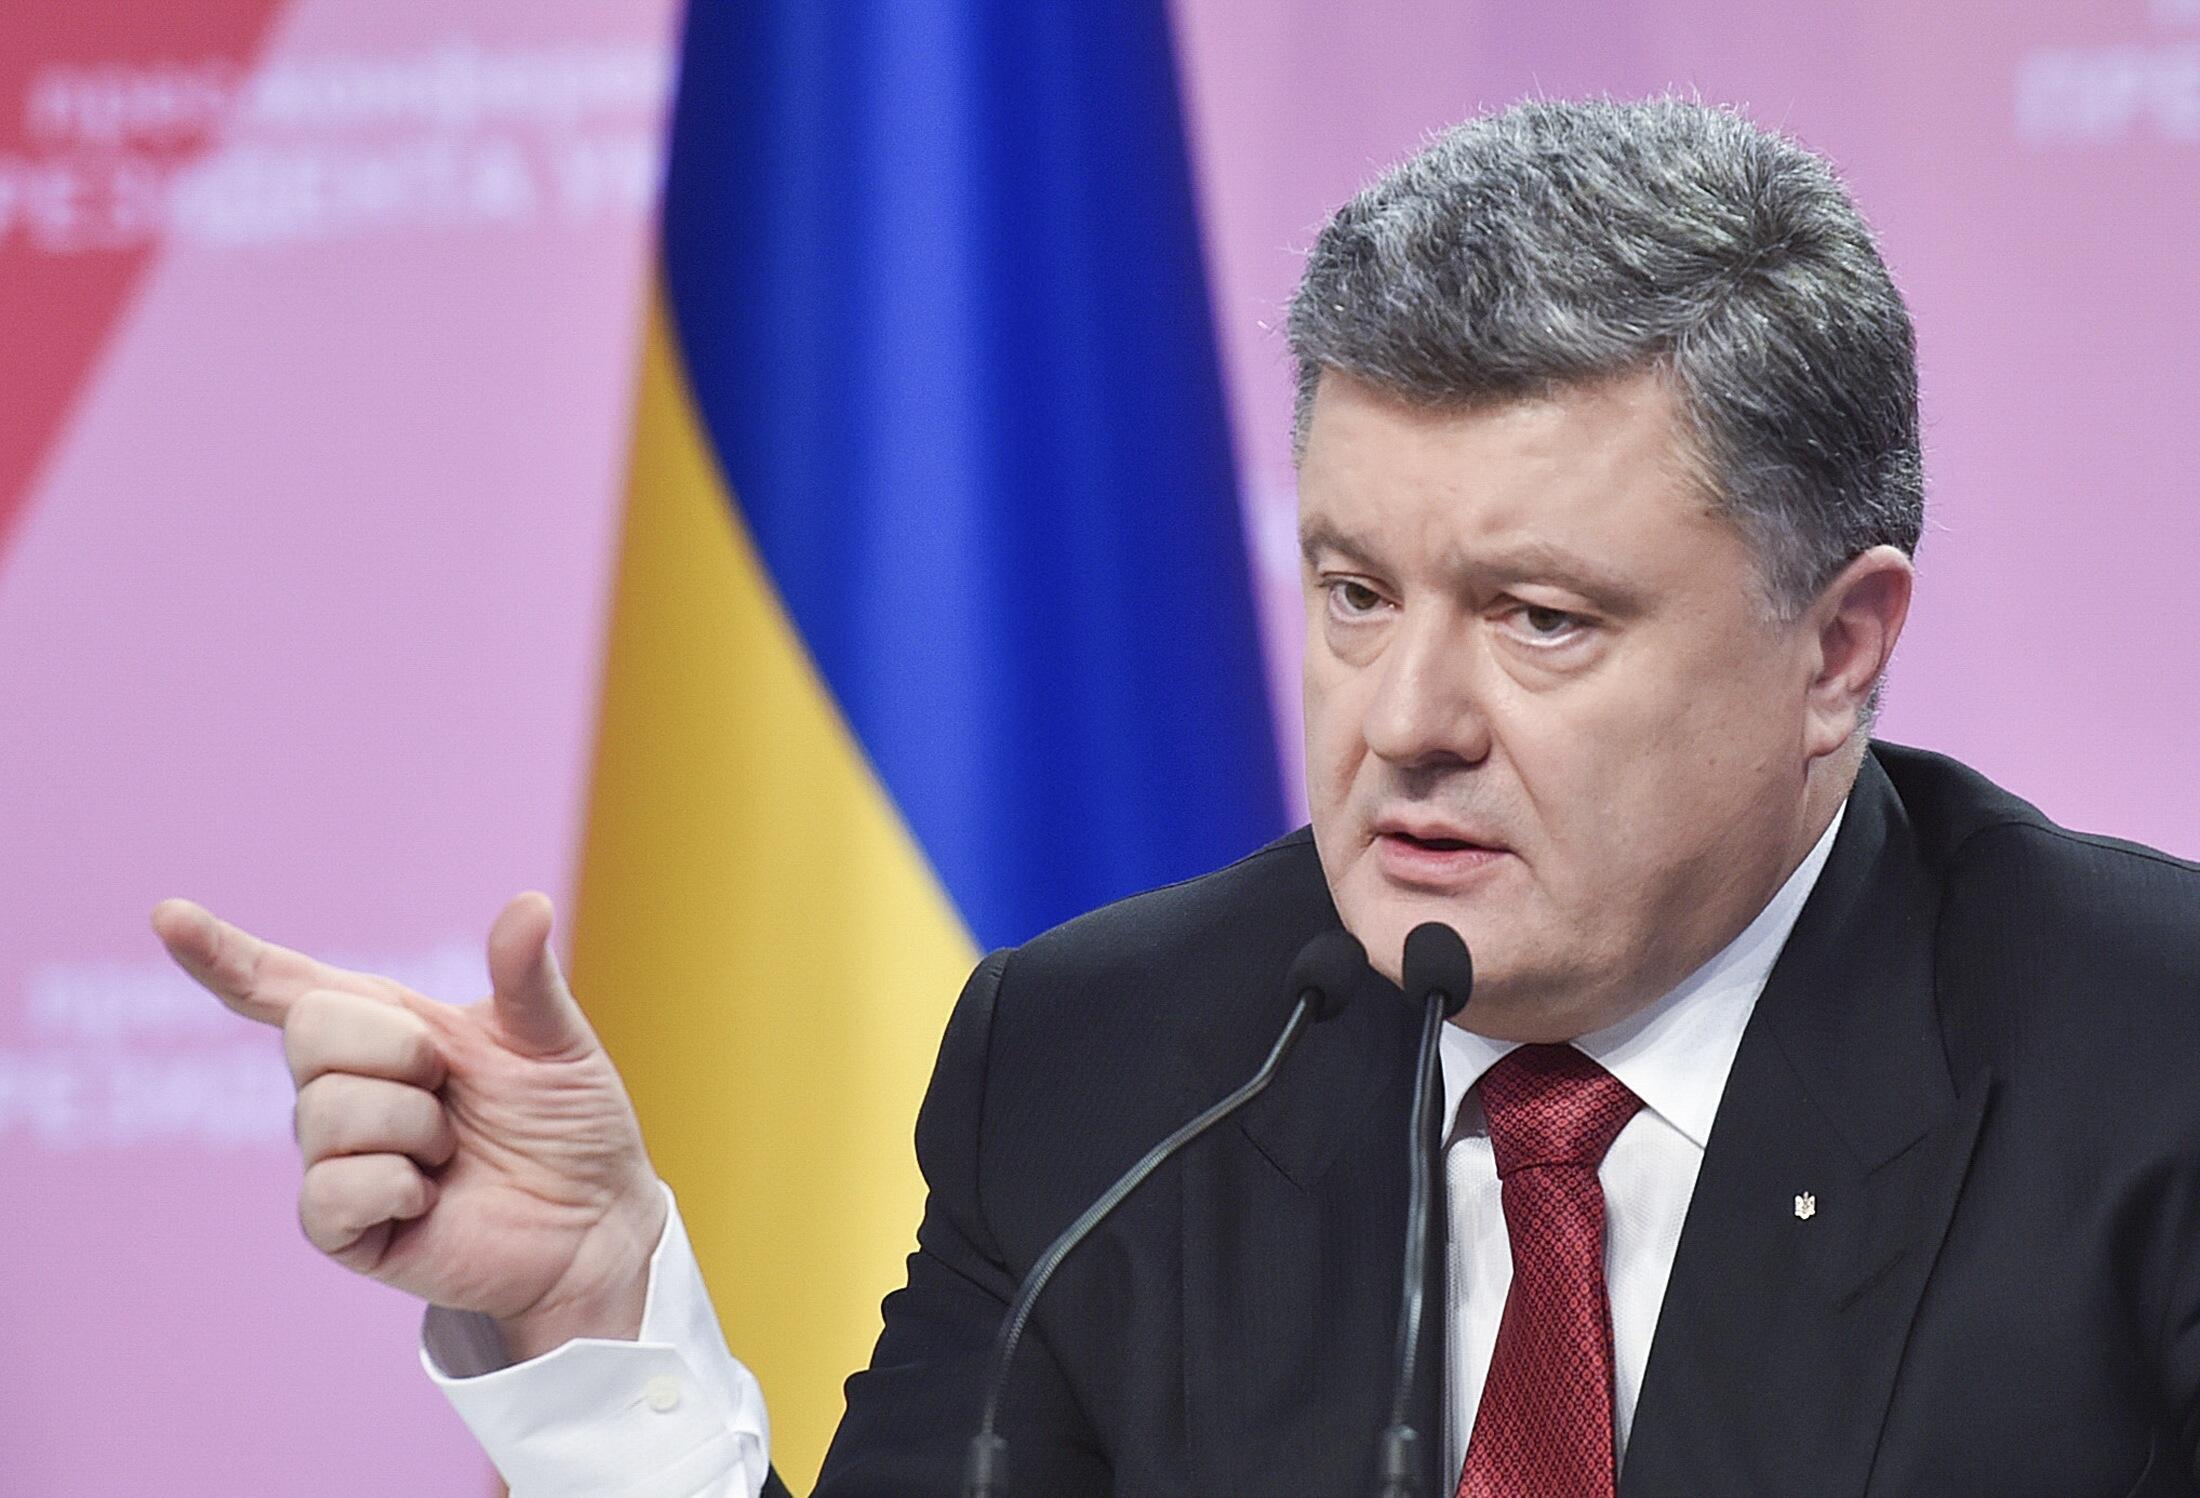 Петр Порошенко на пресс-конференции в декабре 2014 (архив)